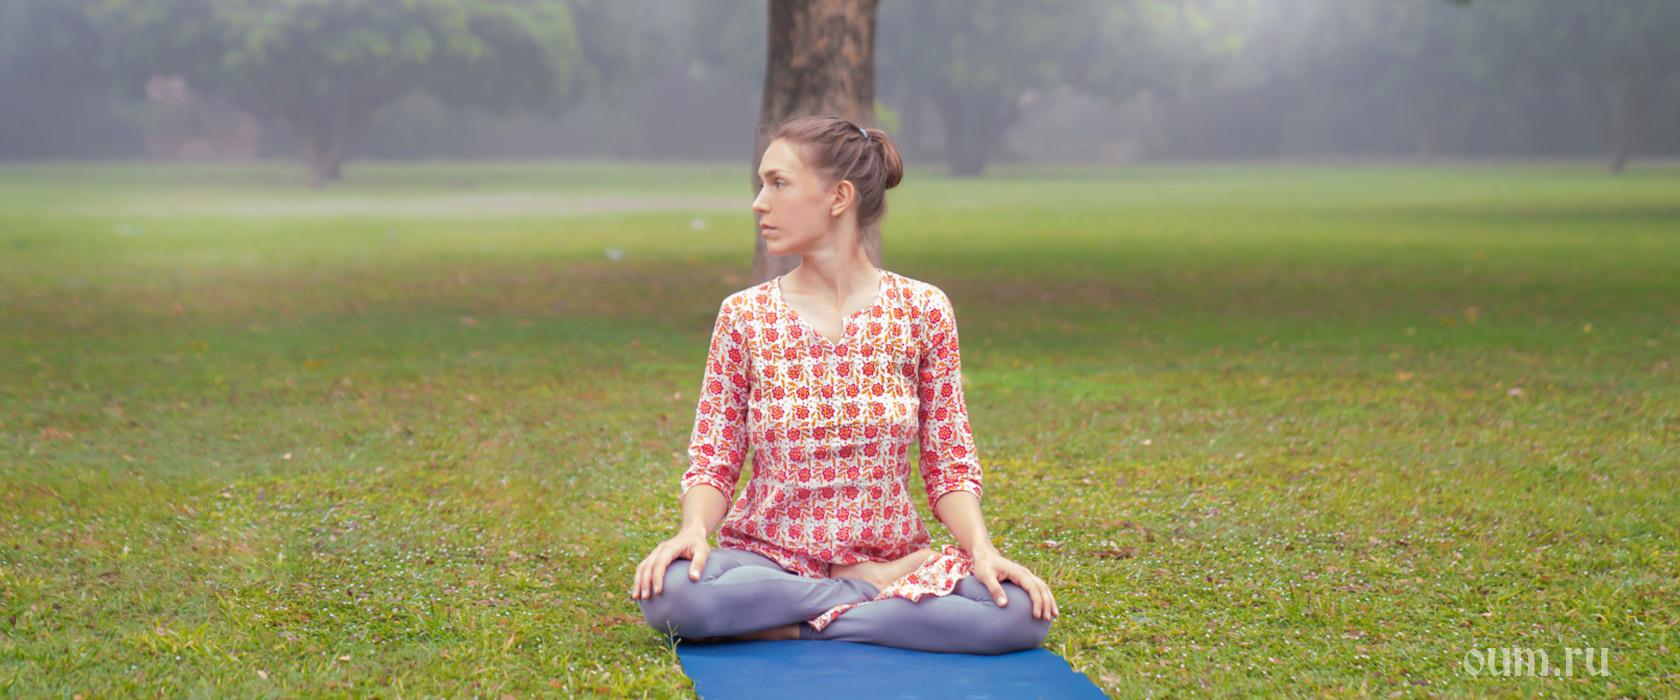 Как правильно медитировать, как научиться правильно медитировать. Как правильно медитировать дома